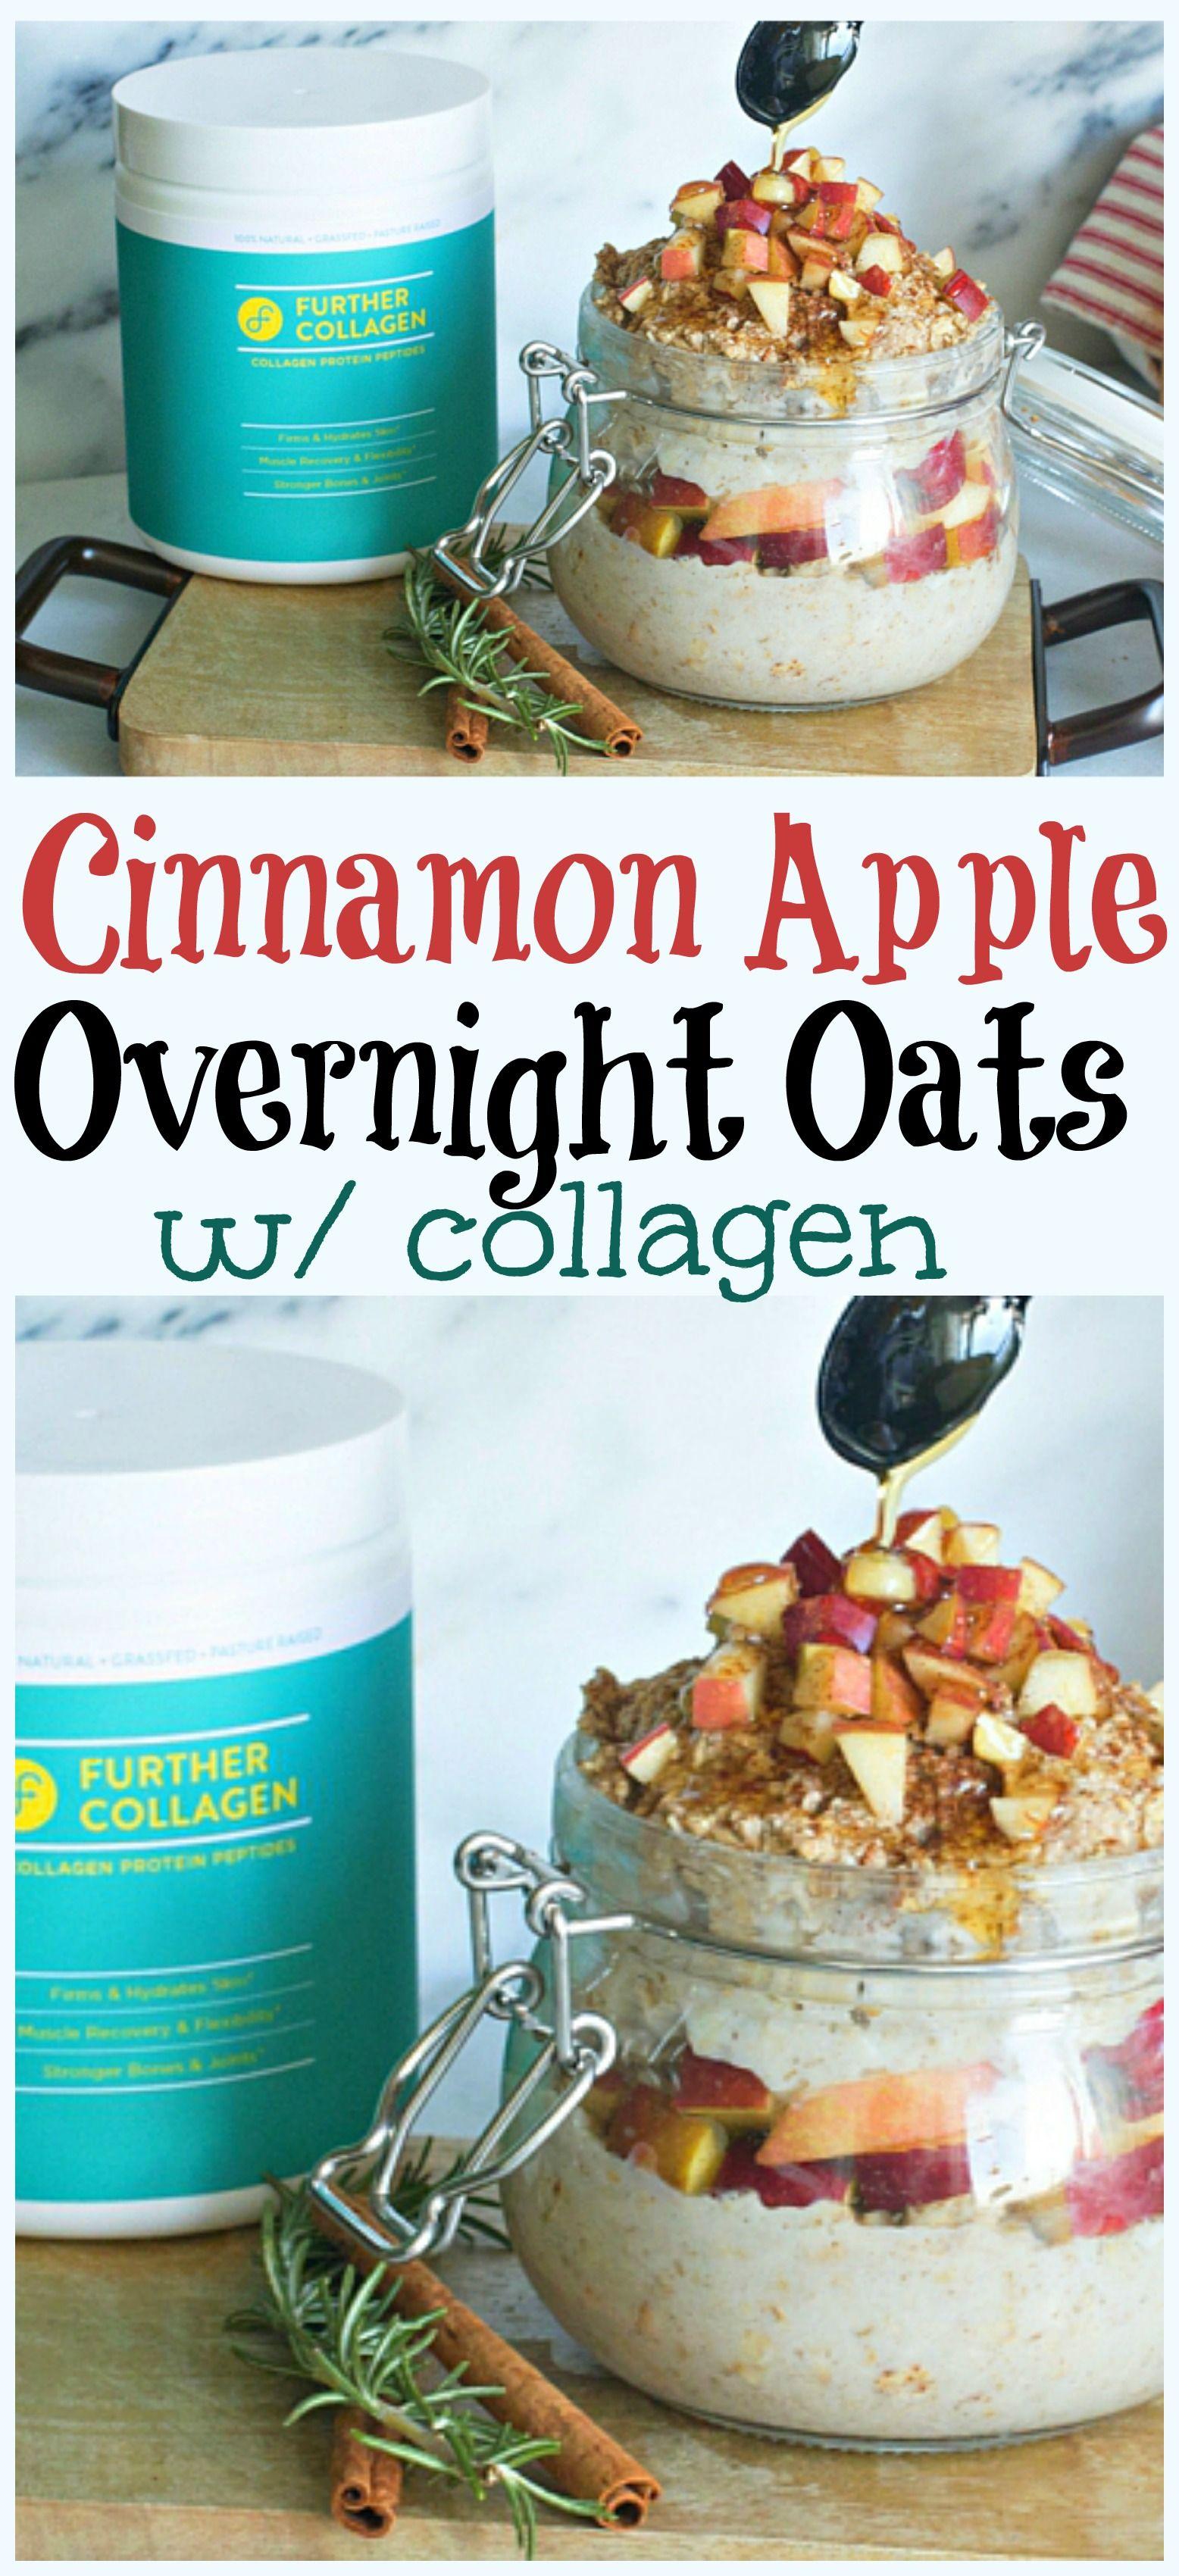 Cinnamon Apple Overnight Oats Vegan overnight oats